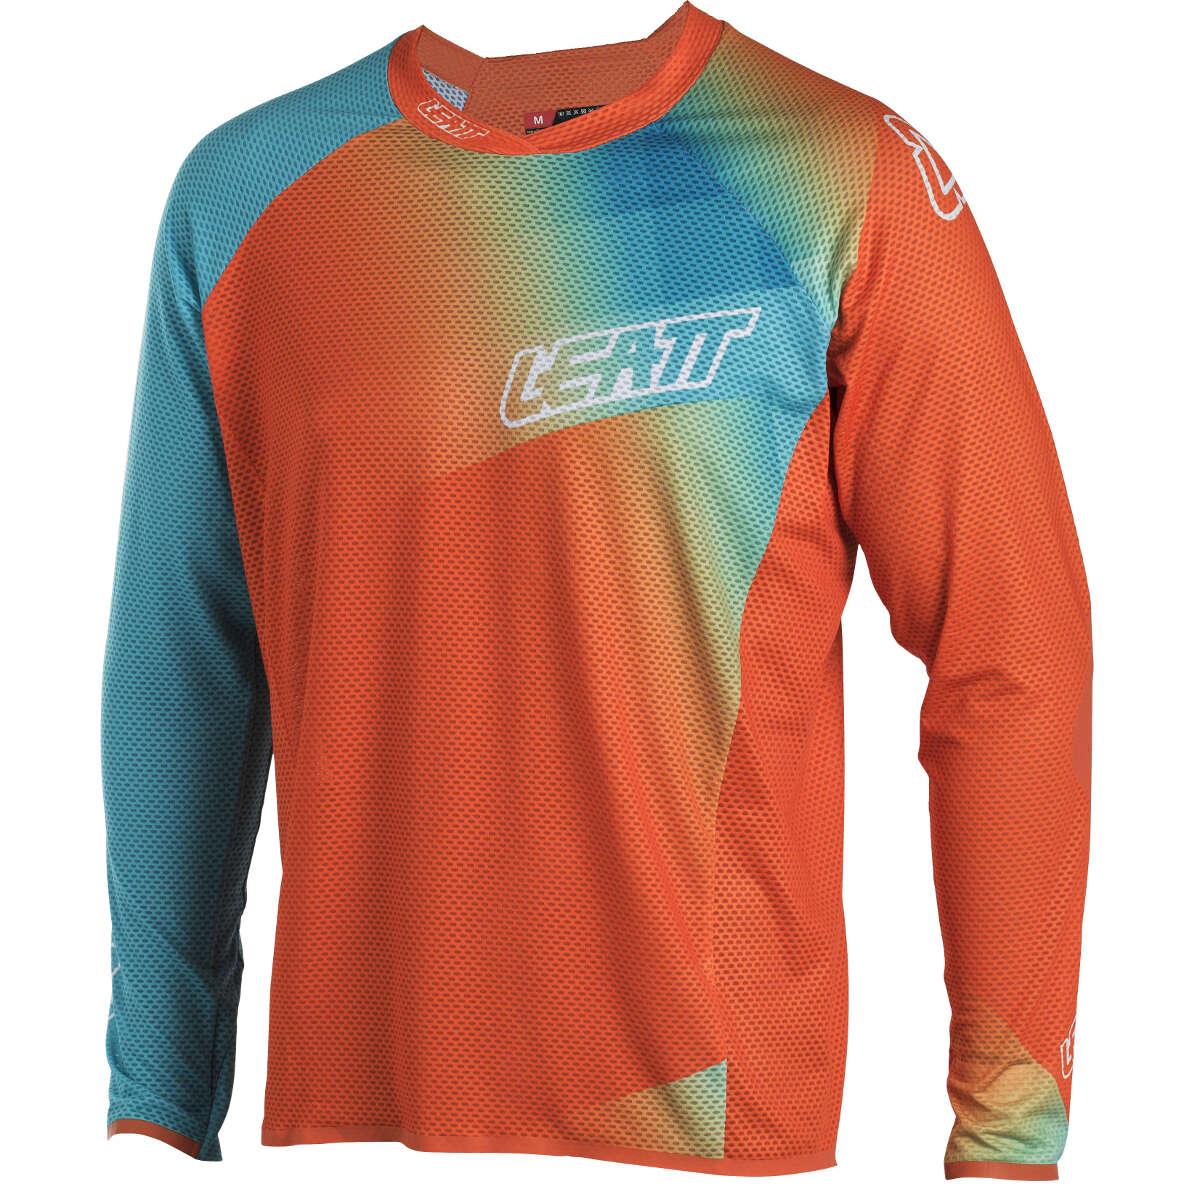 Leatt Downhill-Jersey DBX 4.0 Ultraweld Orange/Teal Orange/Teal Ultraweld c2a725